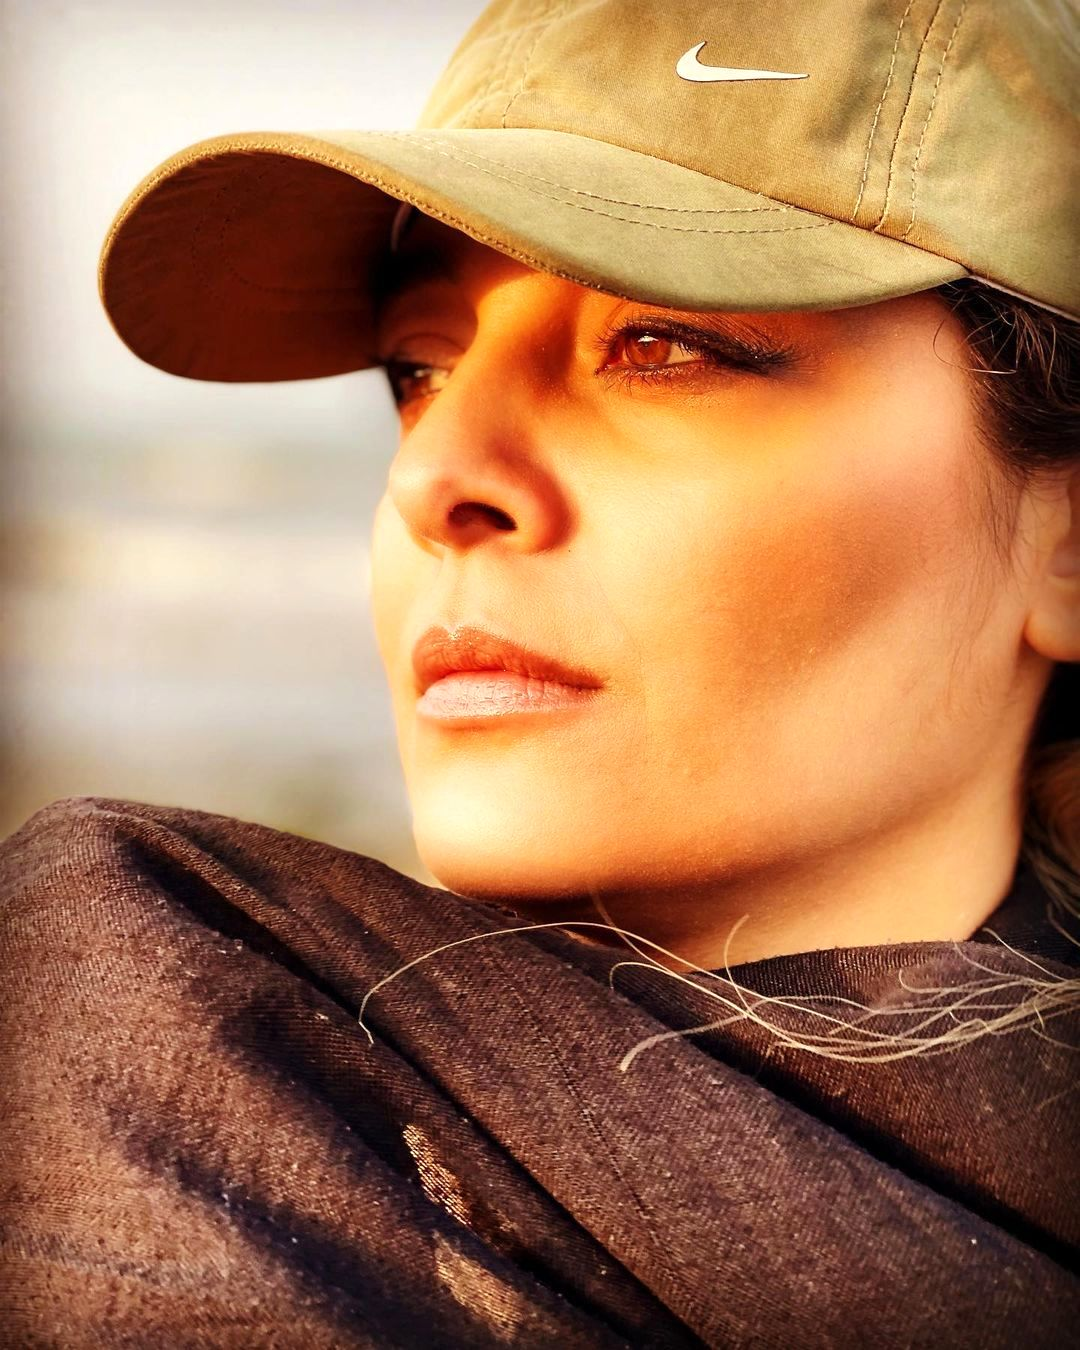 ساره بیات هم مهاجرت کرد | عکس